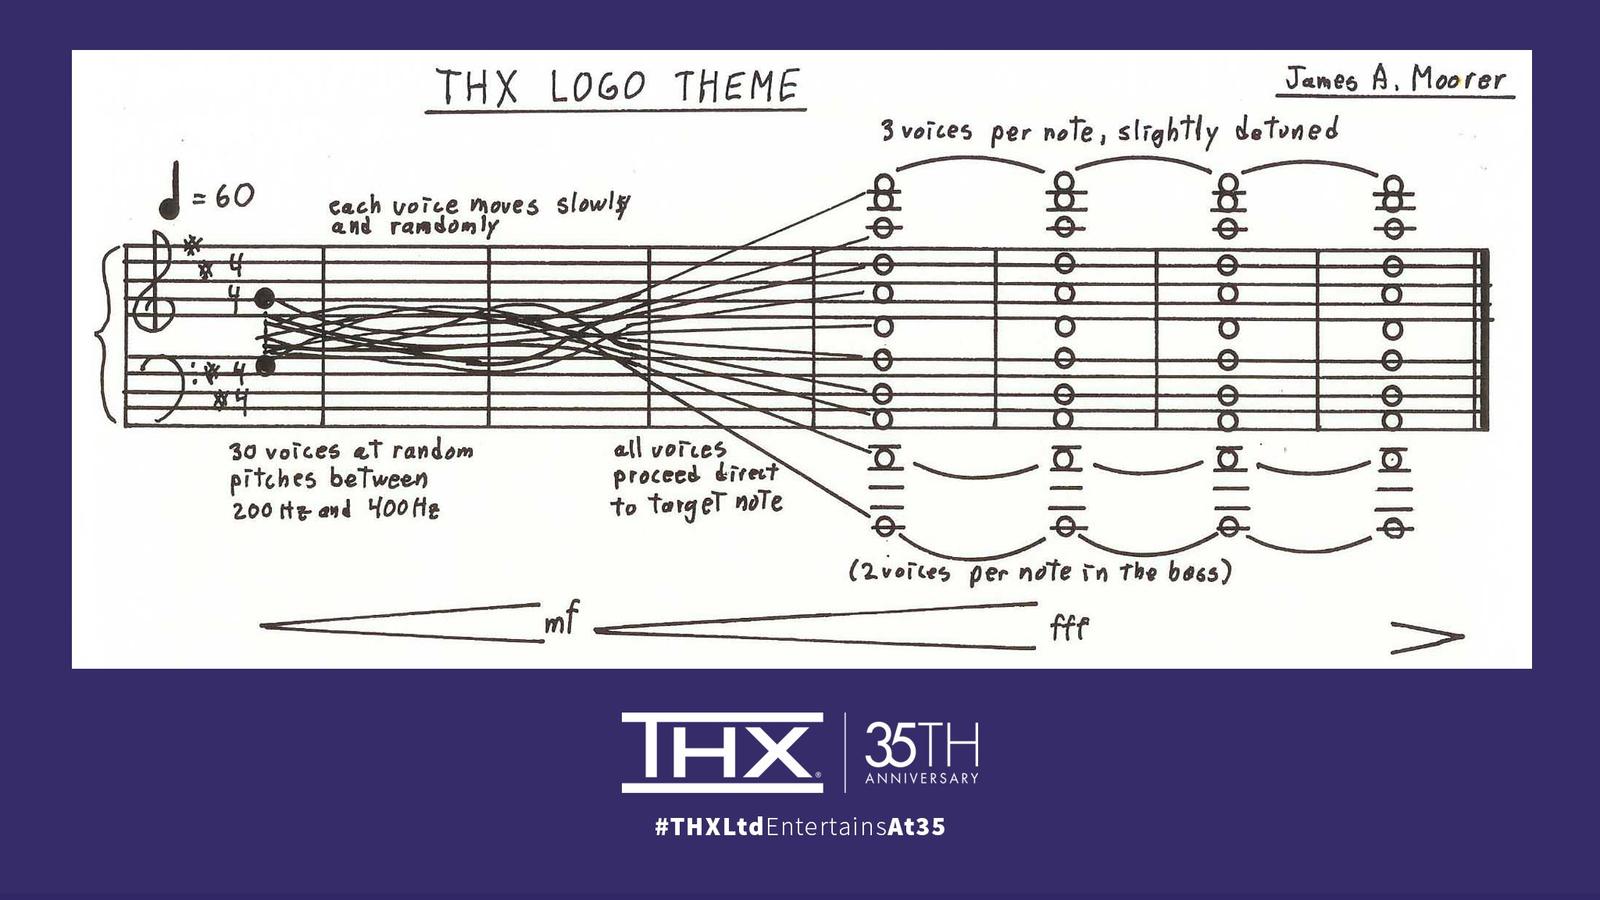 Thx Just Shared The Original Sheet Music For Its Deep